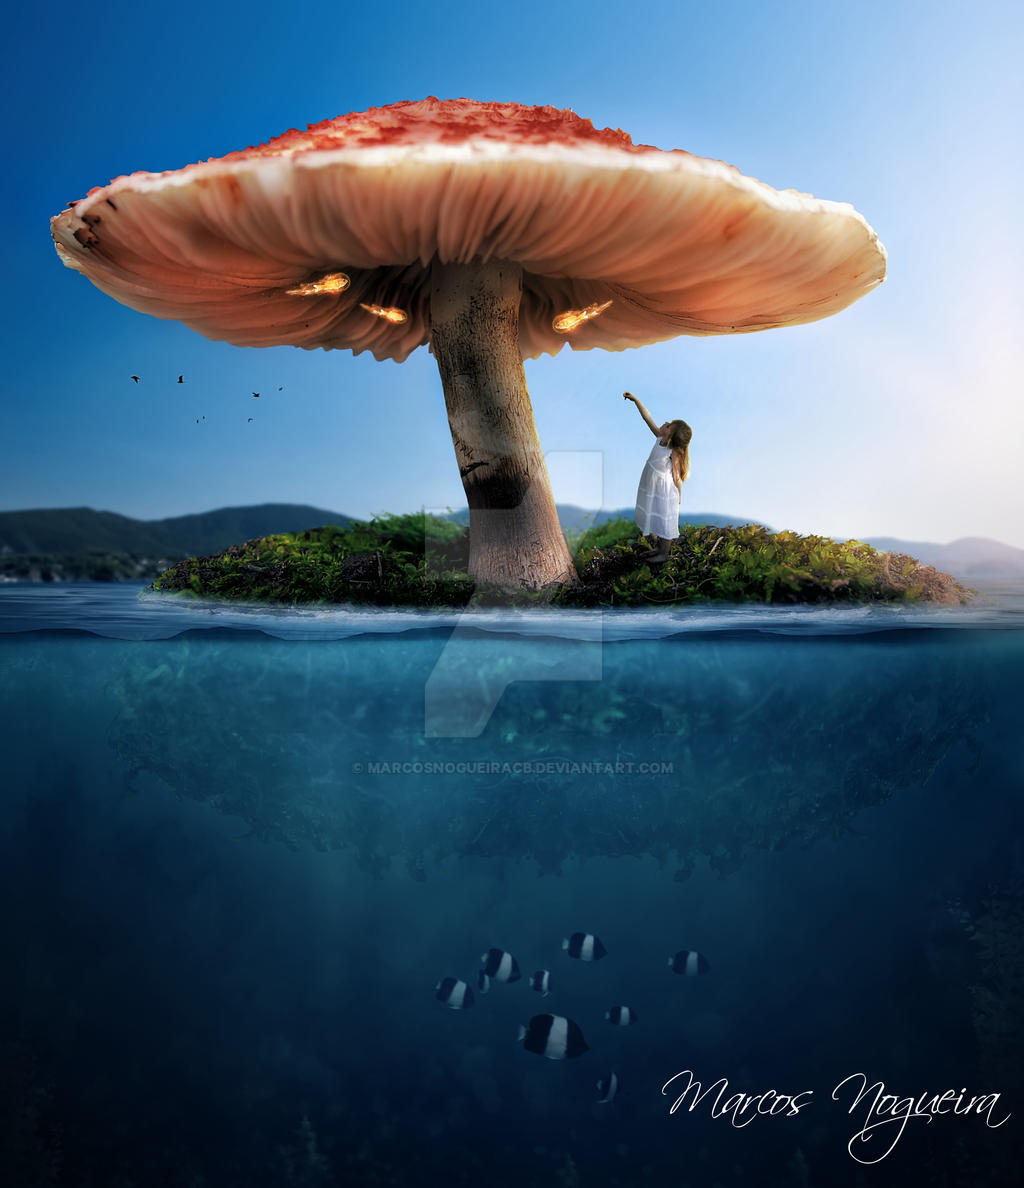 Mushroom fantasy by marcosnogueiracb